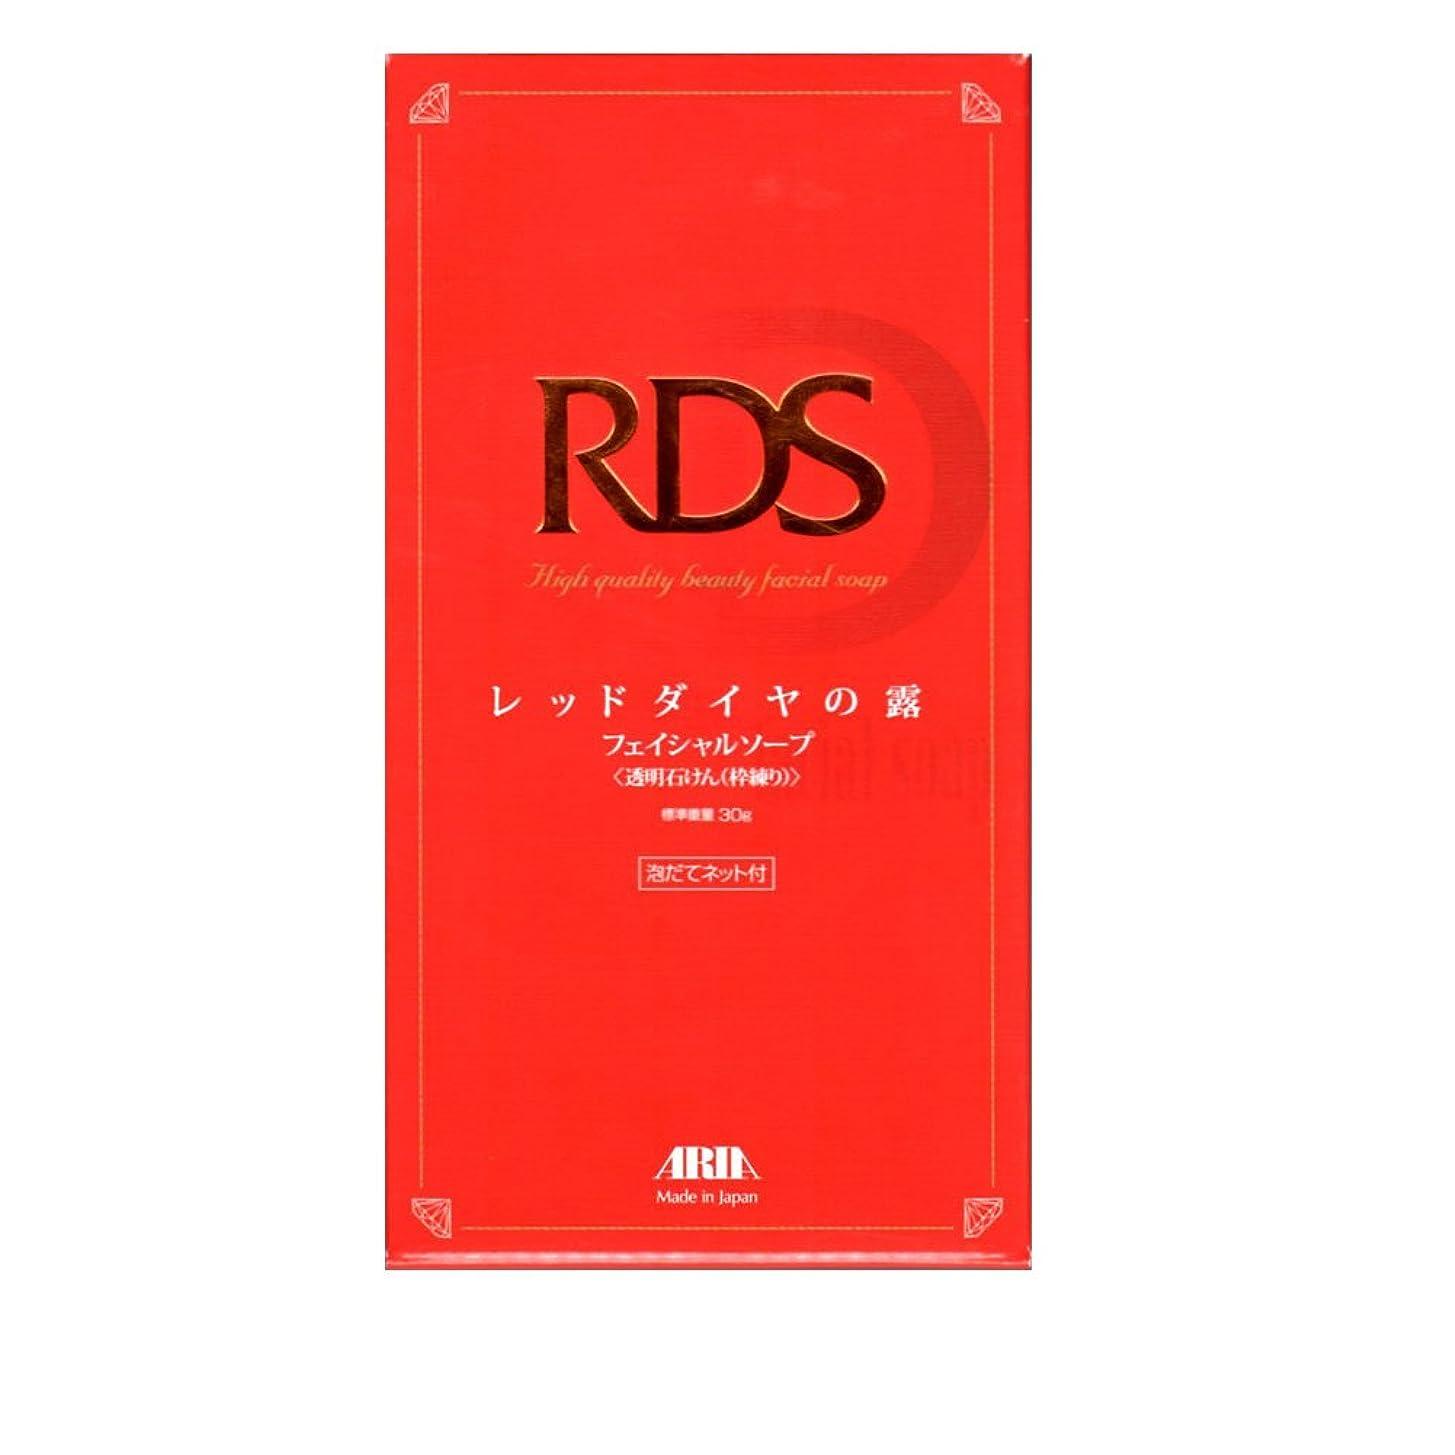 可塑性否認するの配列レッドダイヤの露 フェイシャルソープ 洗顔 石鹸 日本製